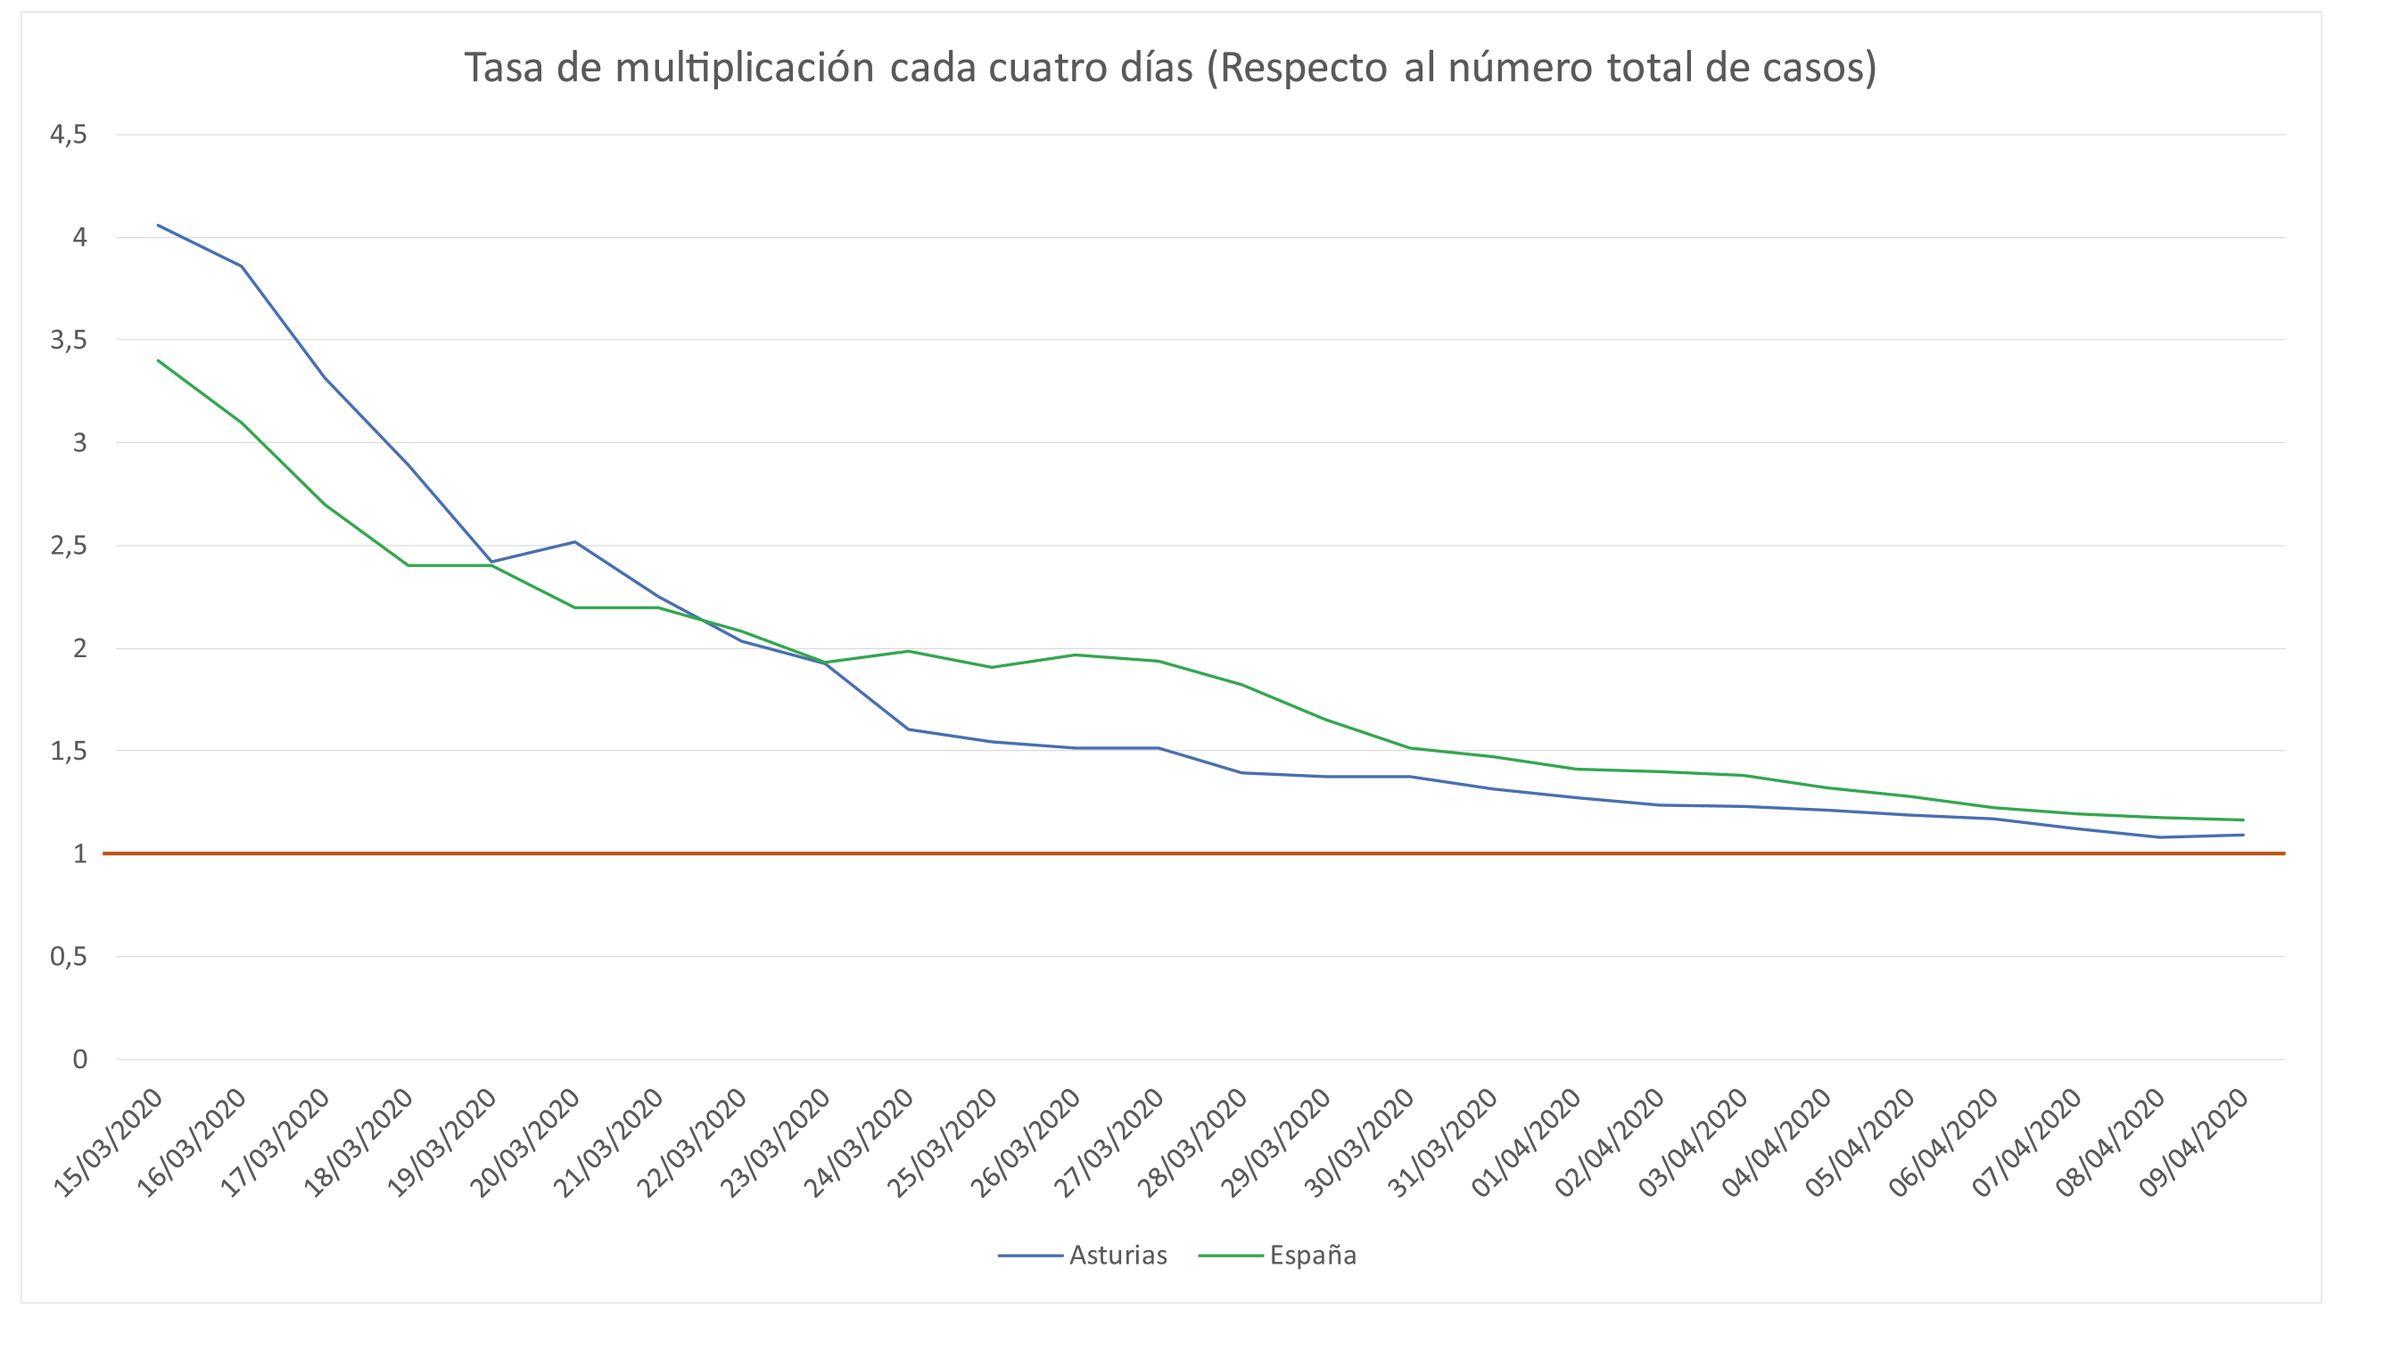 Tasa de multiplicación de nuevos casos en Asturias, hasta el viernes, 9 de abril